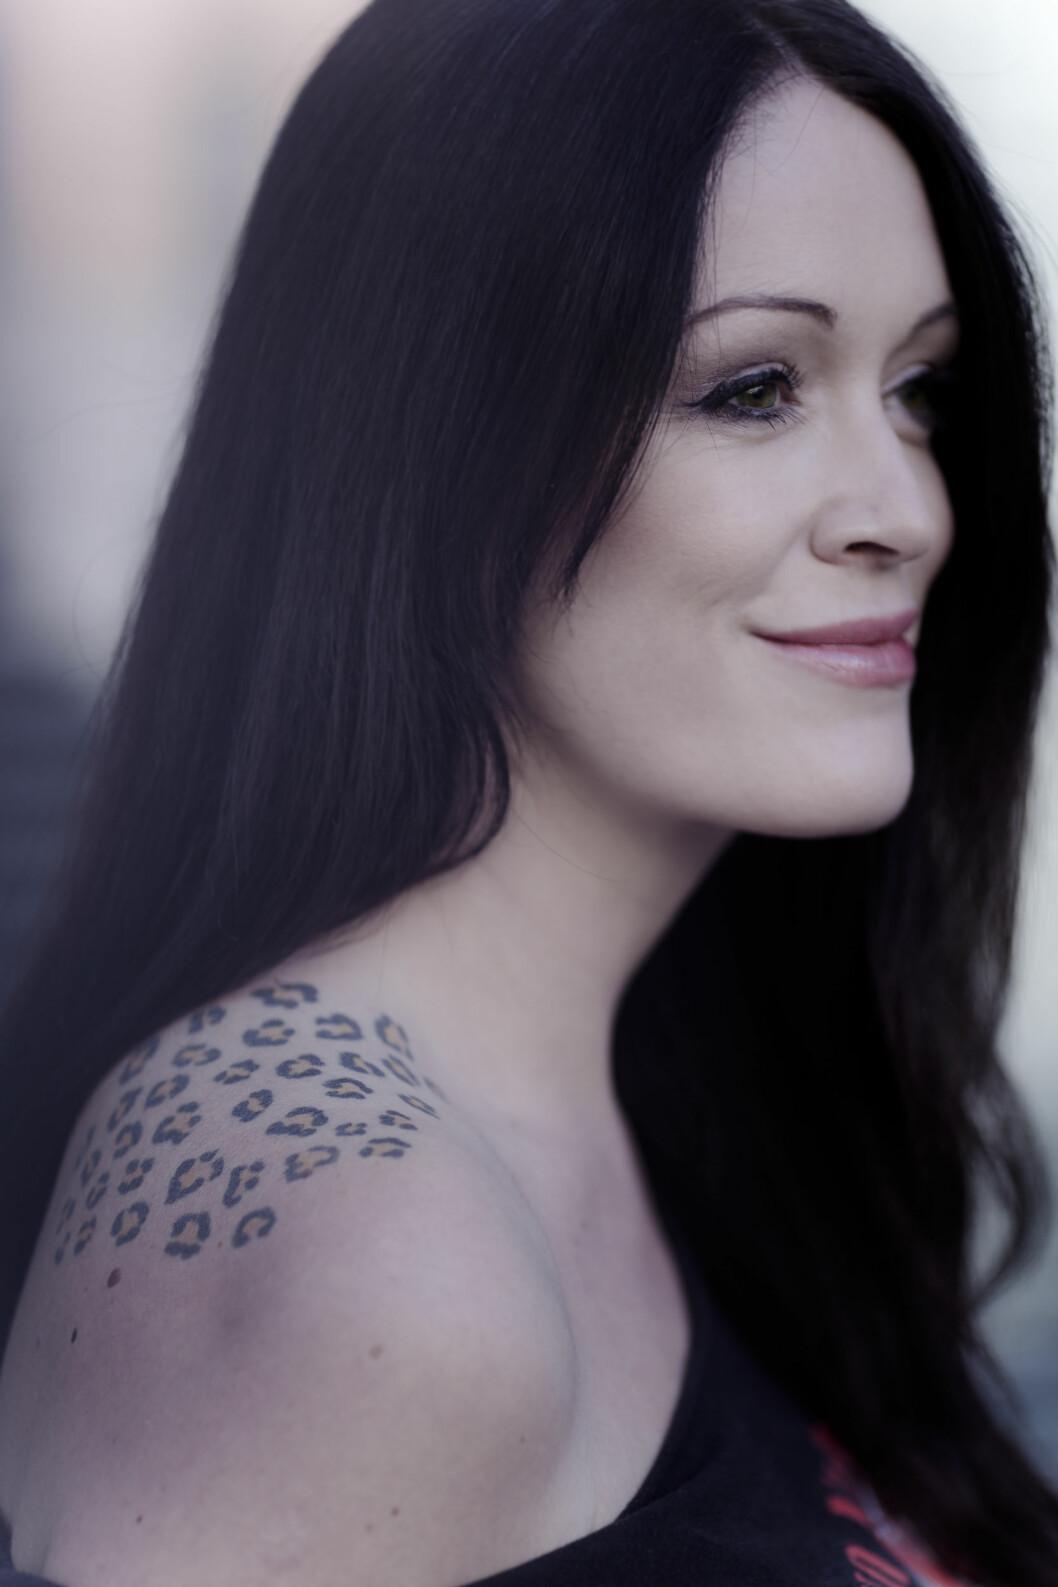 HVERDAGS-ROCK`N ROLL: – Noen synes sikkert den er veldig harry, men jeg mener selv at den er lite støtende. Skulle jeg ha giftet meg nå, ville jeg ha valgt en brudekjole som fremhevet tatoveringen min. Foto: Astrid Waller & Privat